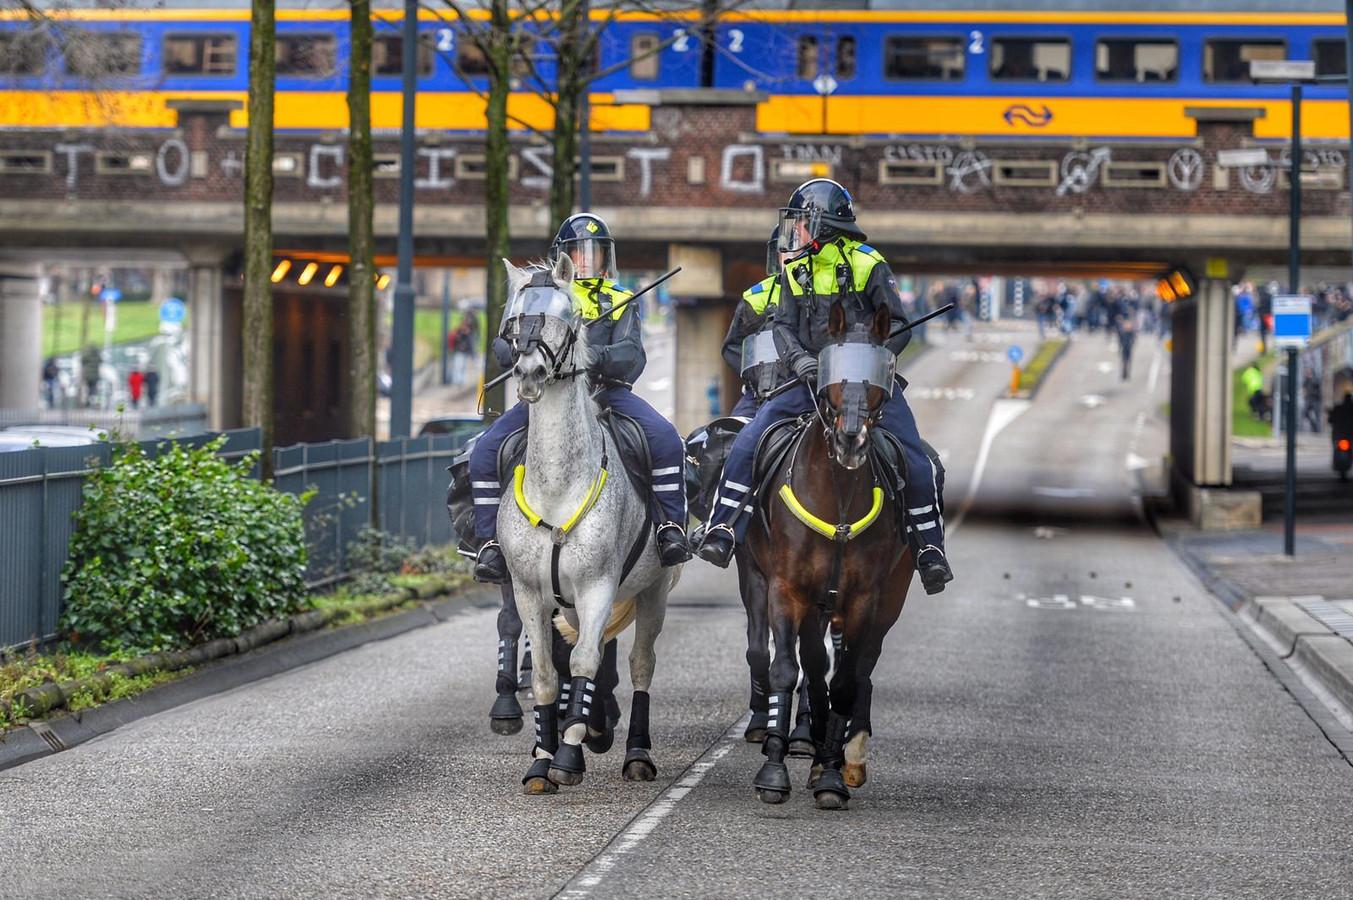 Politie te paard voor de Vestdijktunnel tijdens de ongeregeldheden op 24 januari.